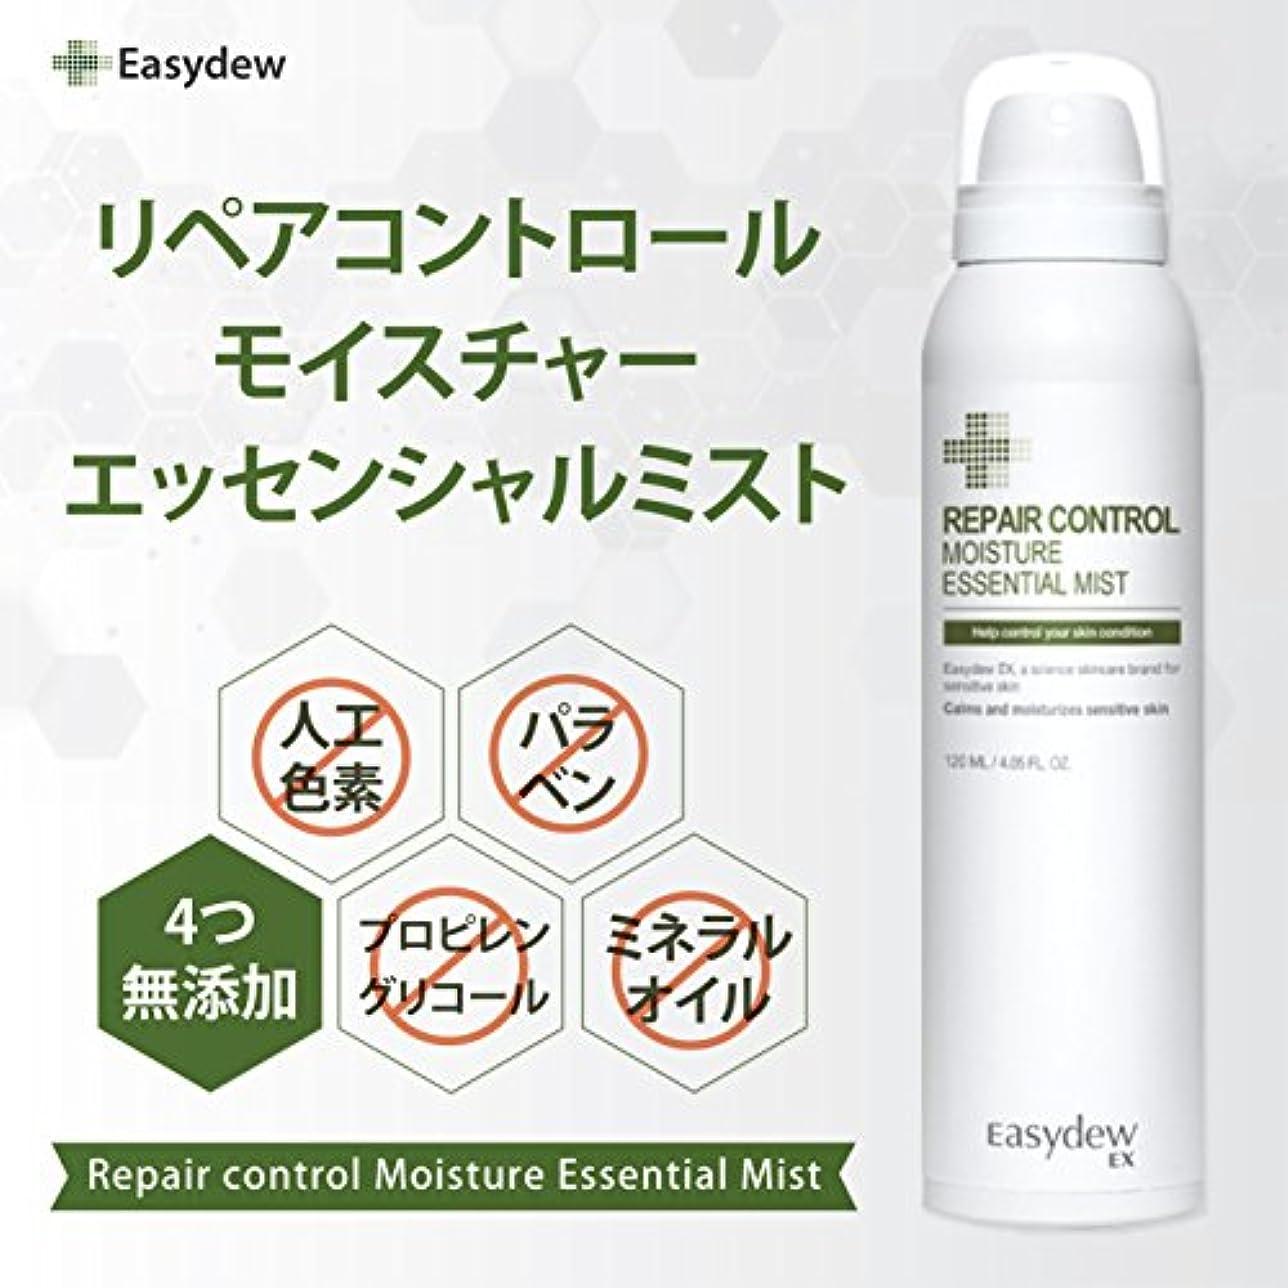 円形機動ジャズEASYDEW EX リペア コントロール モイスチャー エッセンシャル ミスト Repair Control Moisture Essential Mist 120ml